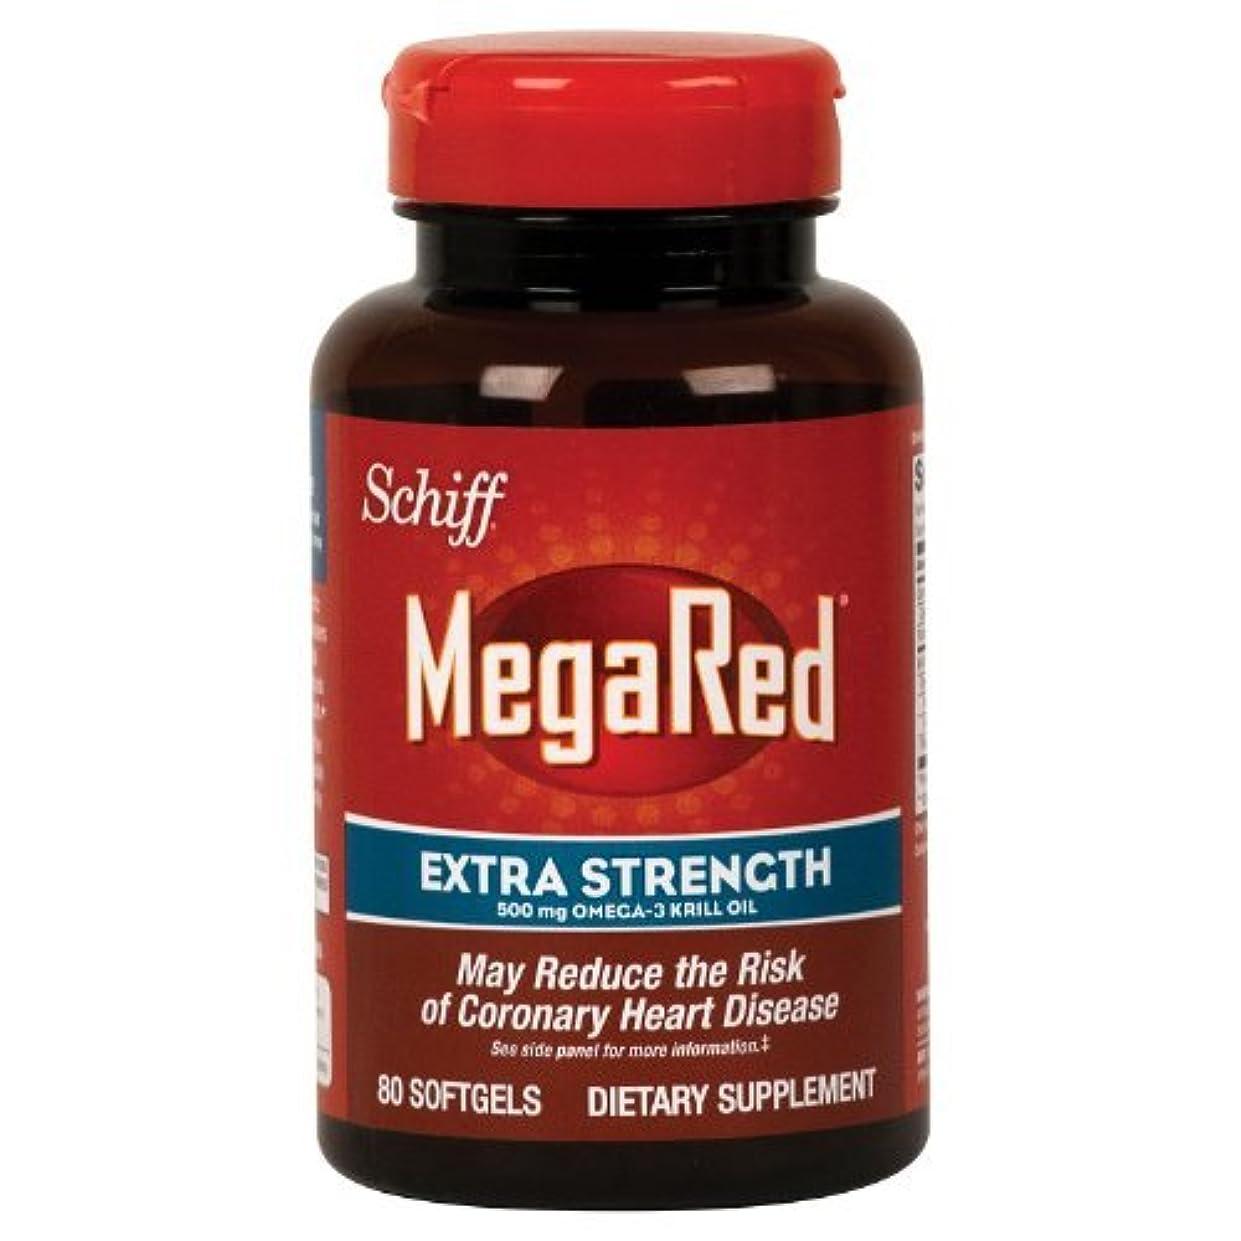 閲覧する給料海港Schiff Megared Extra Strength 500mg Omega-3 Krill Oil - 80 Softgels by Simply Right [並行輸入品]